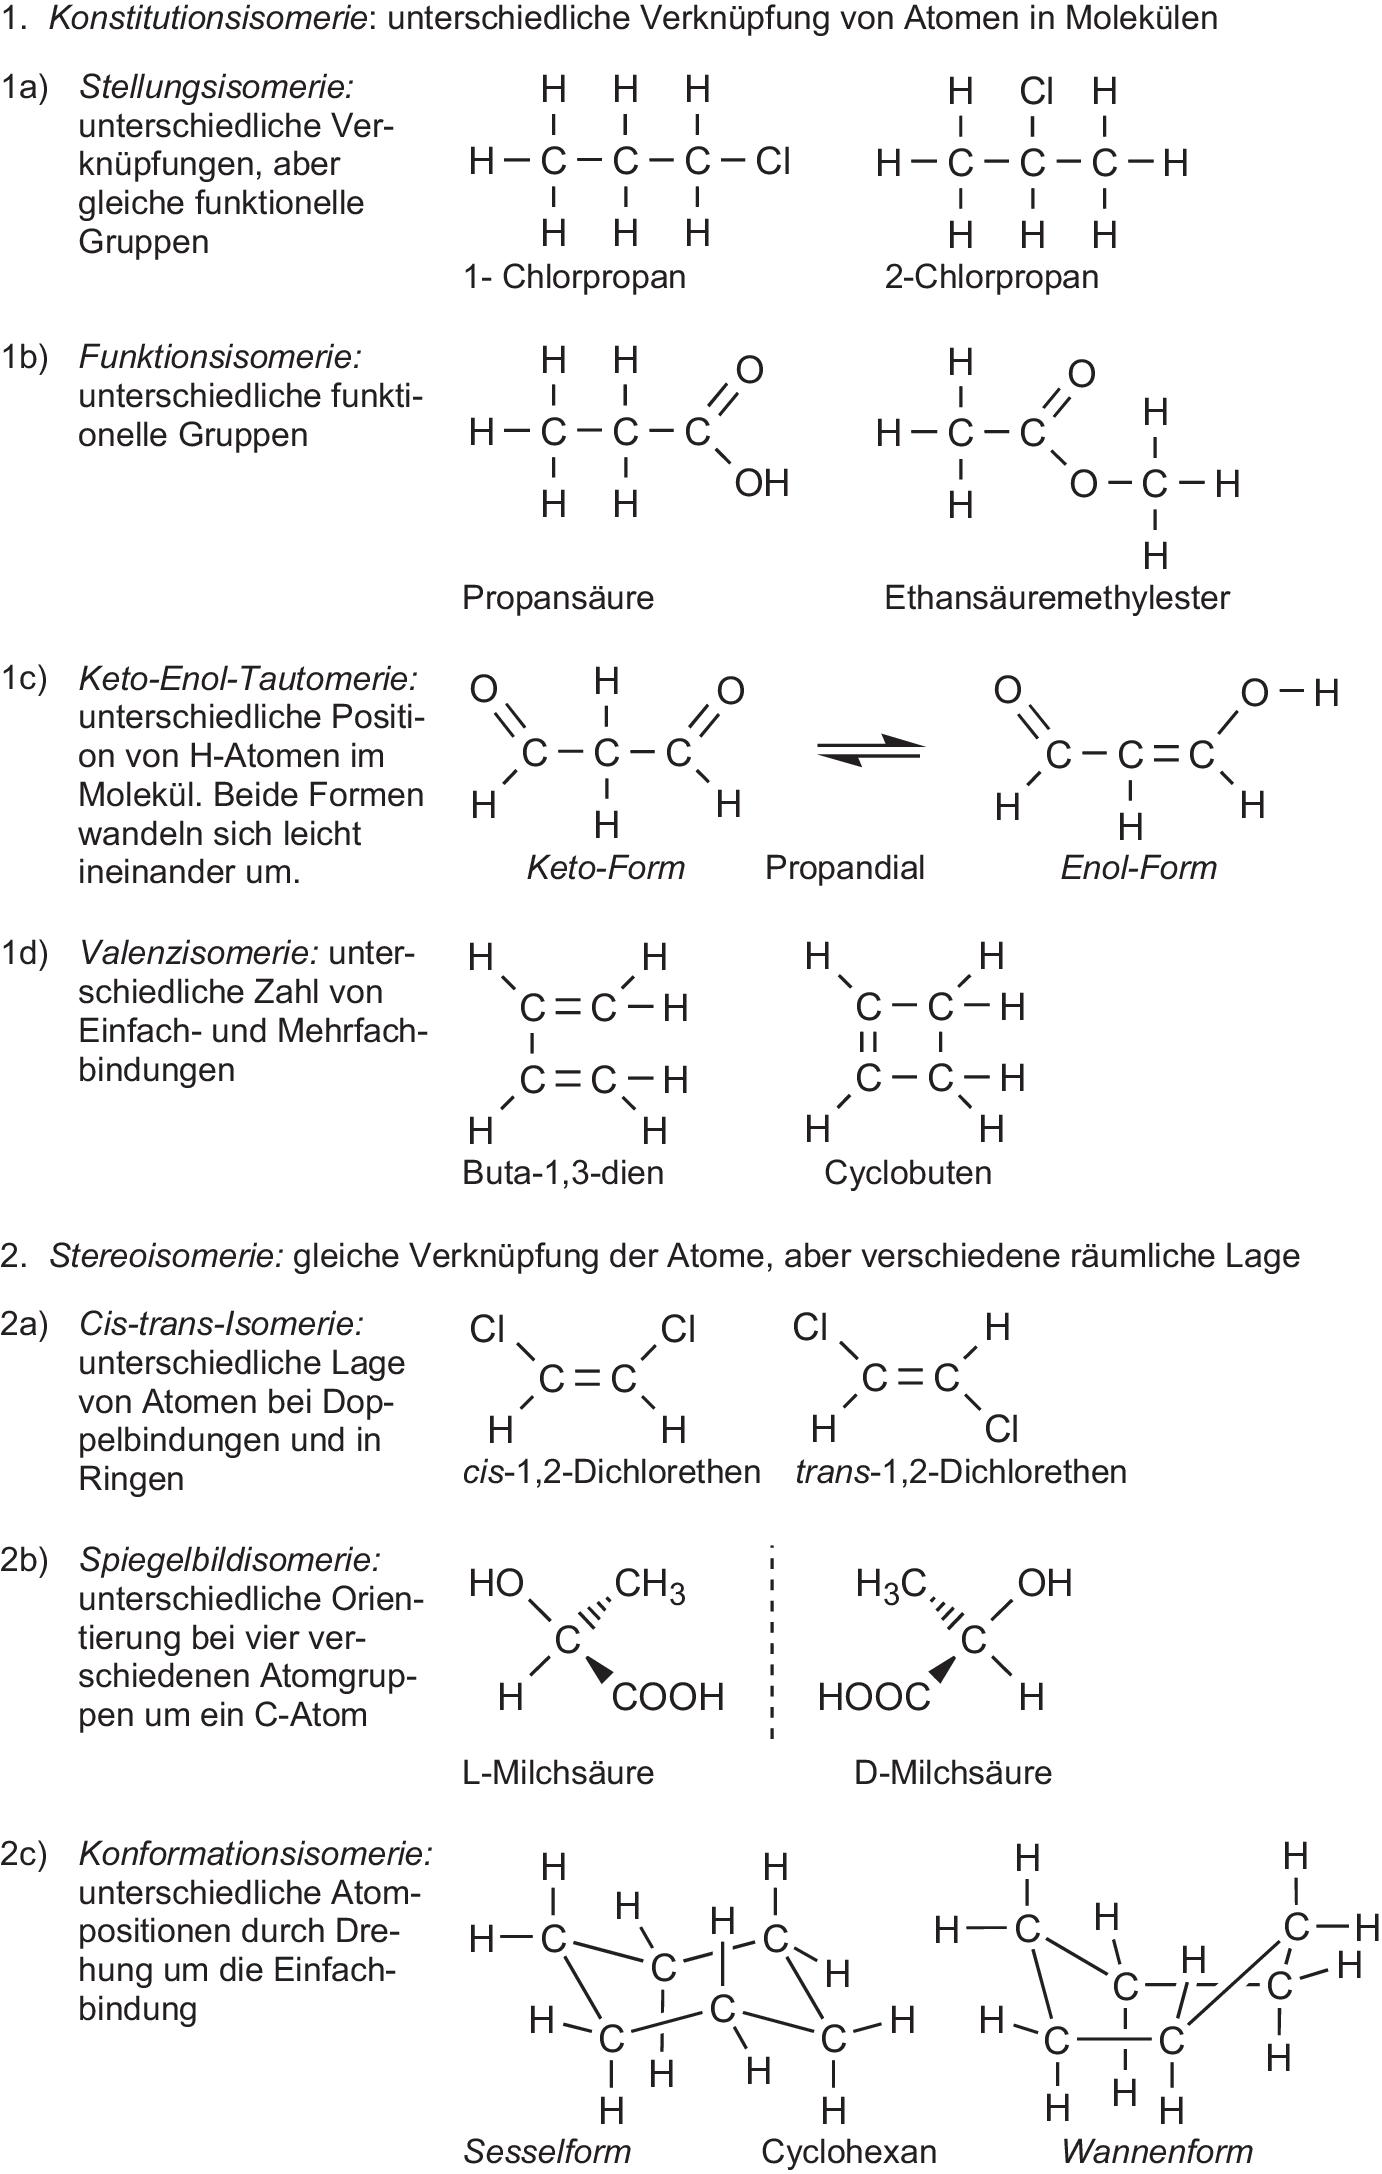 Fachsprache und Symbole | SpringerLink